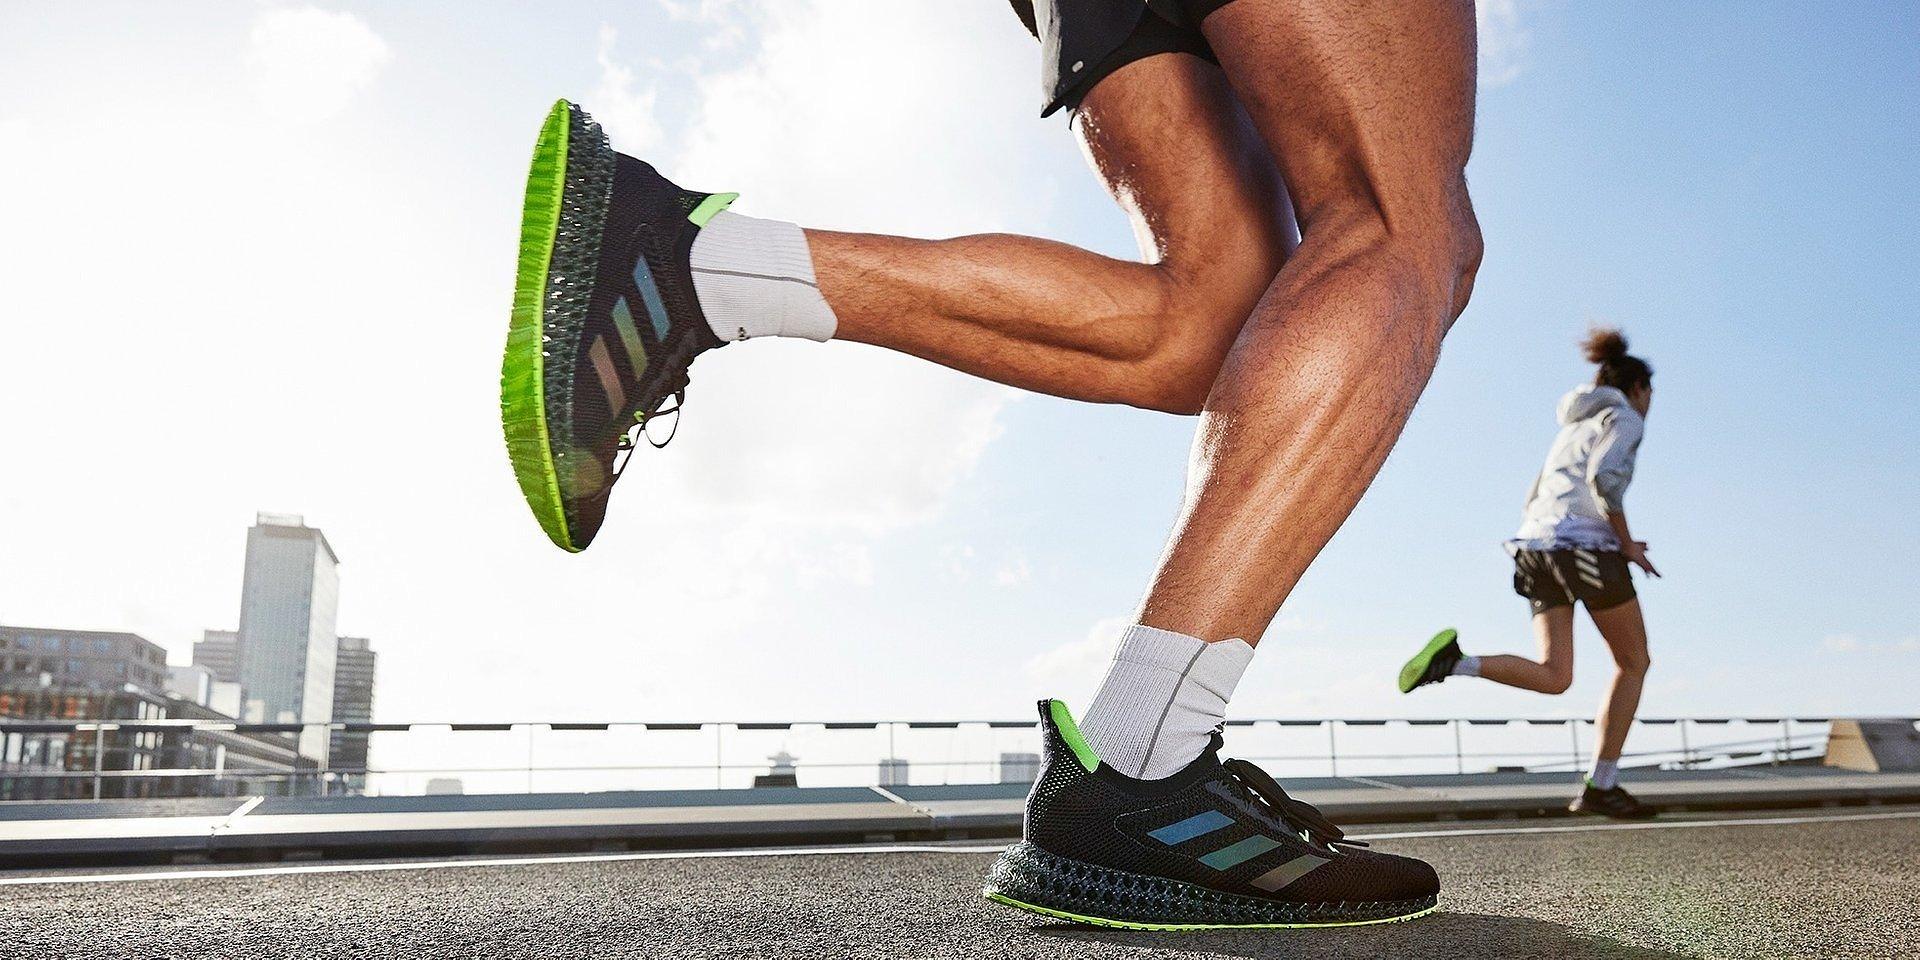 Ruszaj naprzód! Pokonuj kolejne kilometry z łatwością dzięki technologii adidas 4DFWD